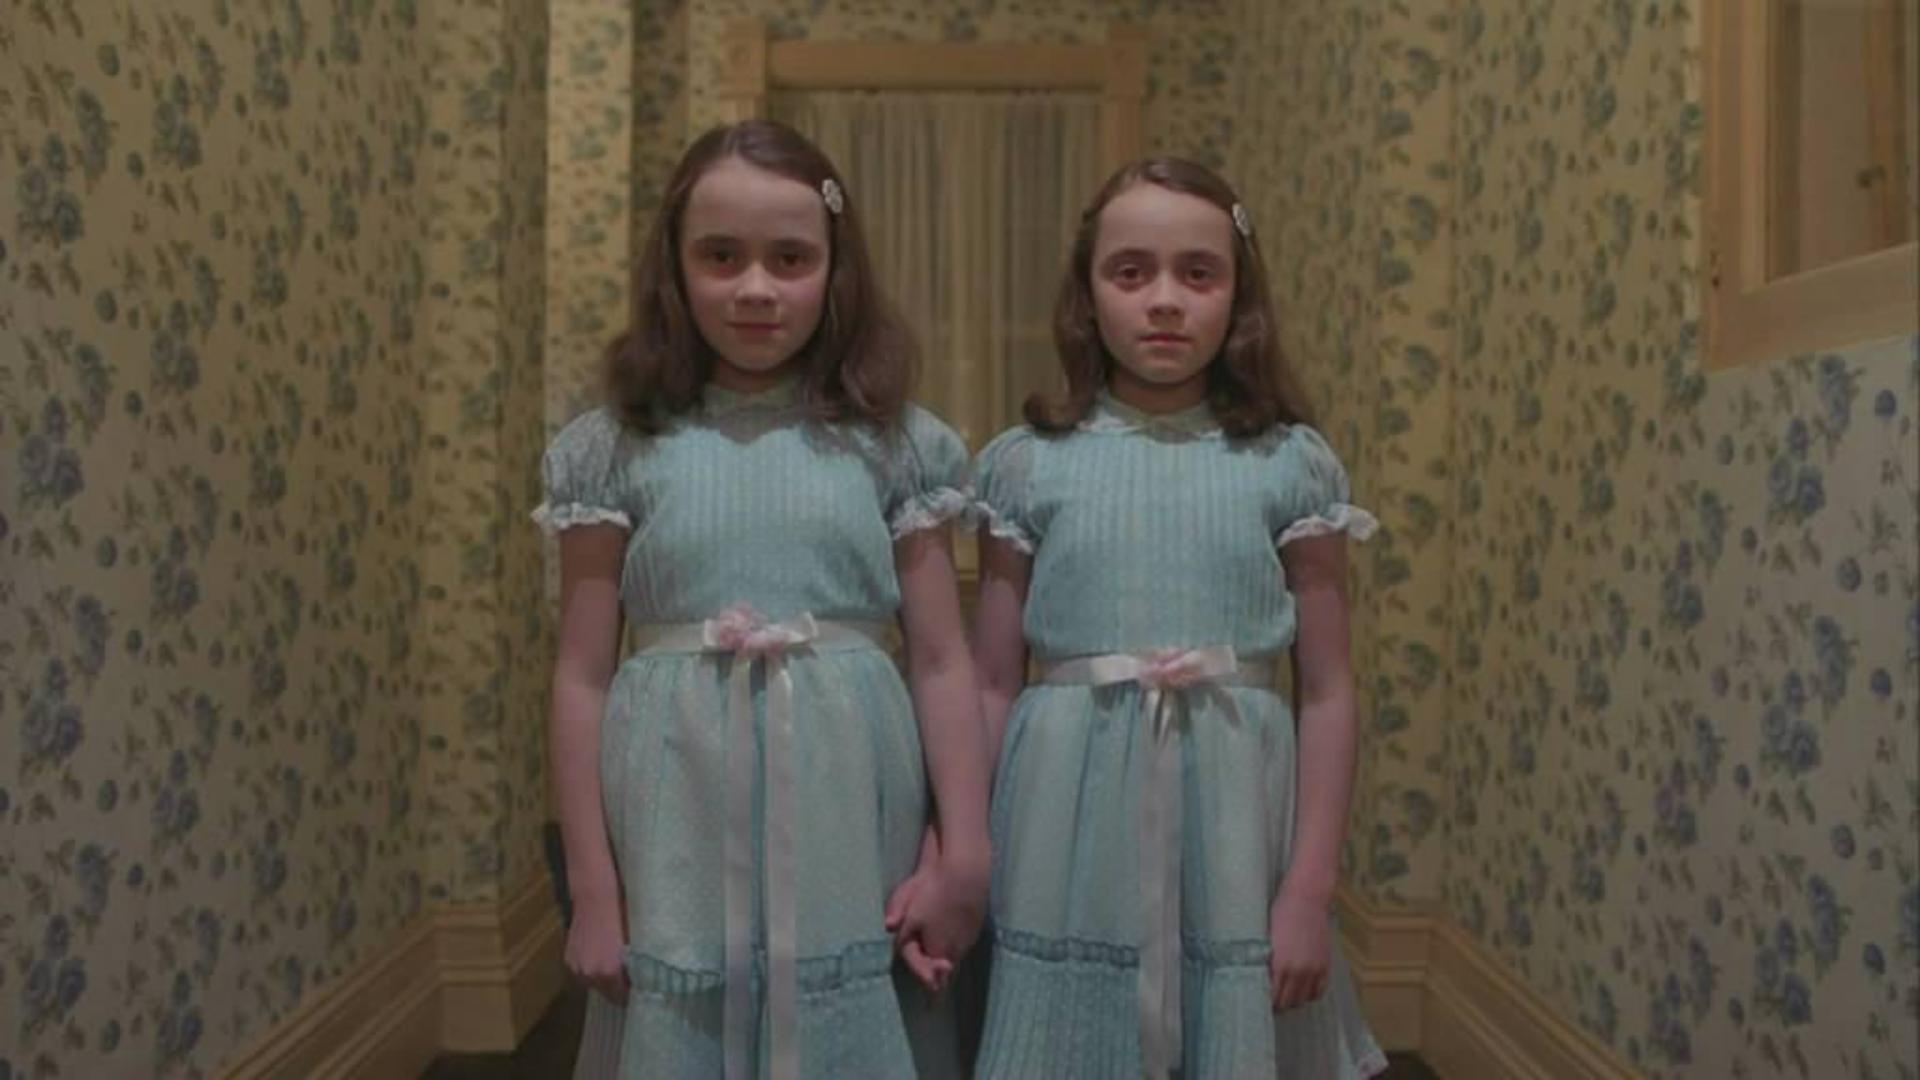 《闪灵》:智商超过200的天才导演拍的恐怖电影,你真的看懂了吗